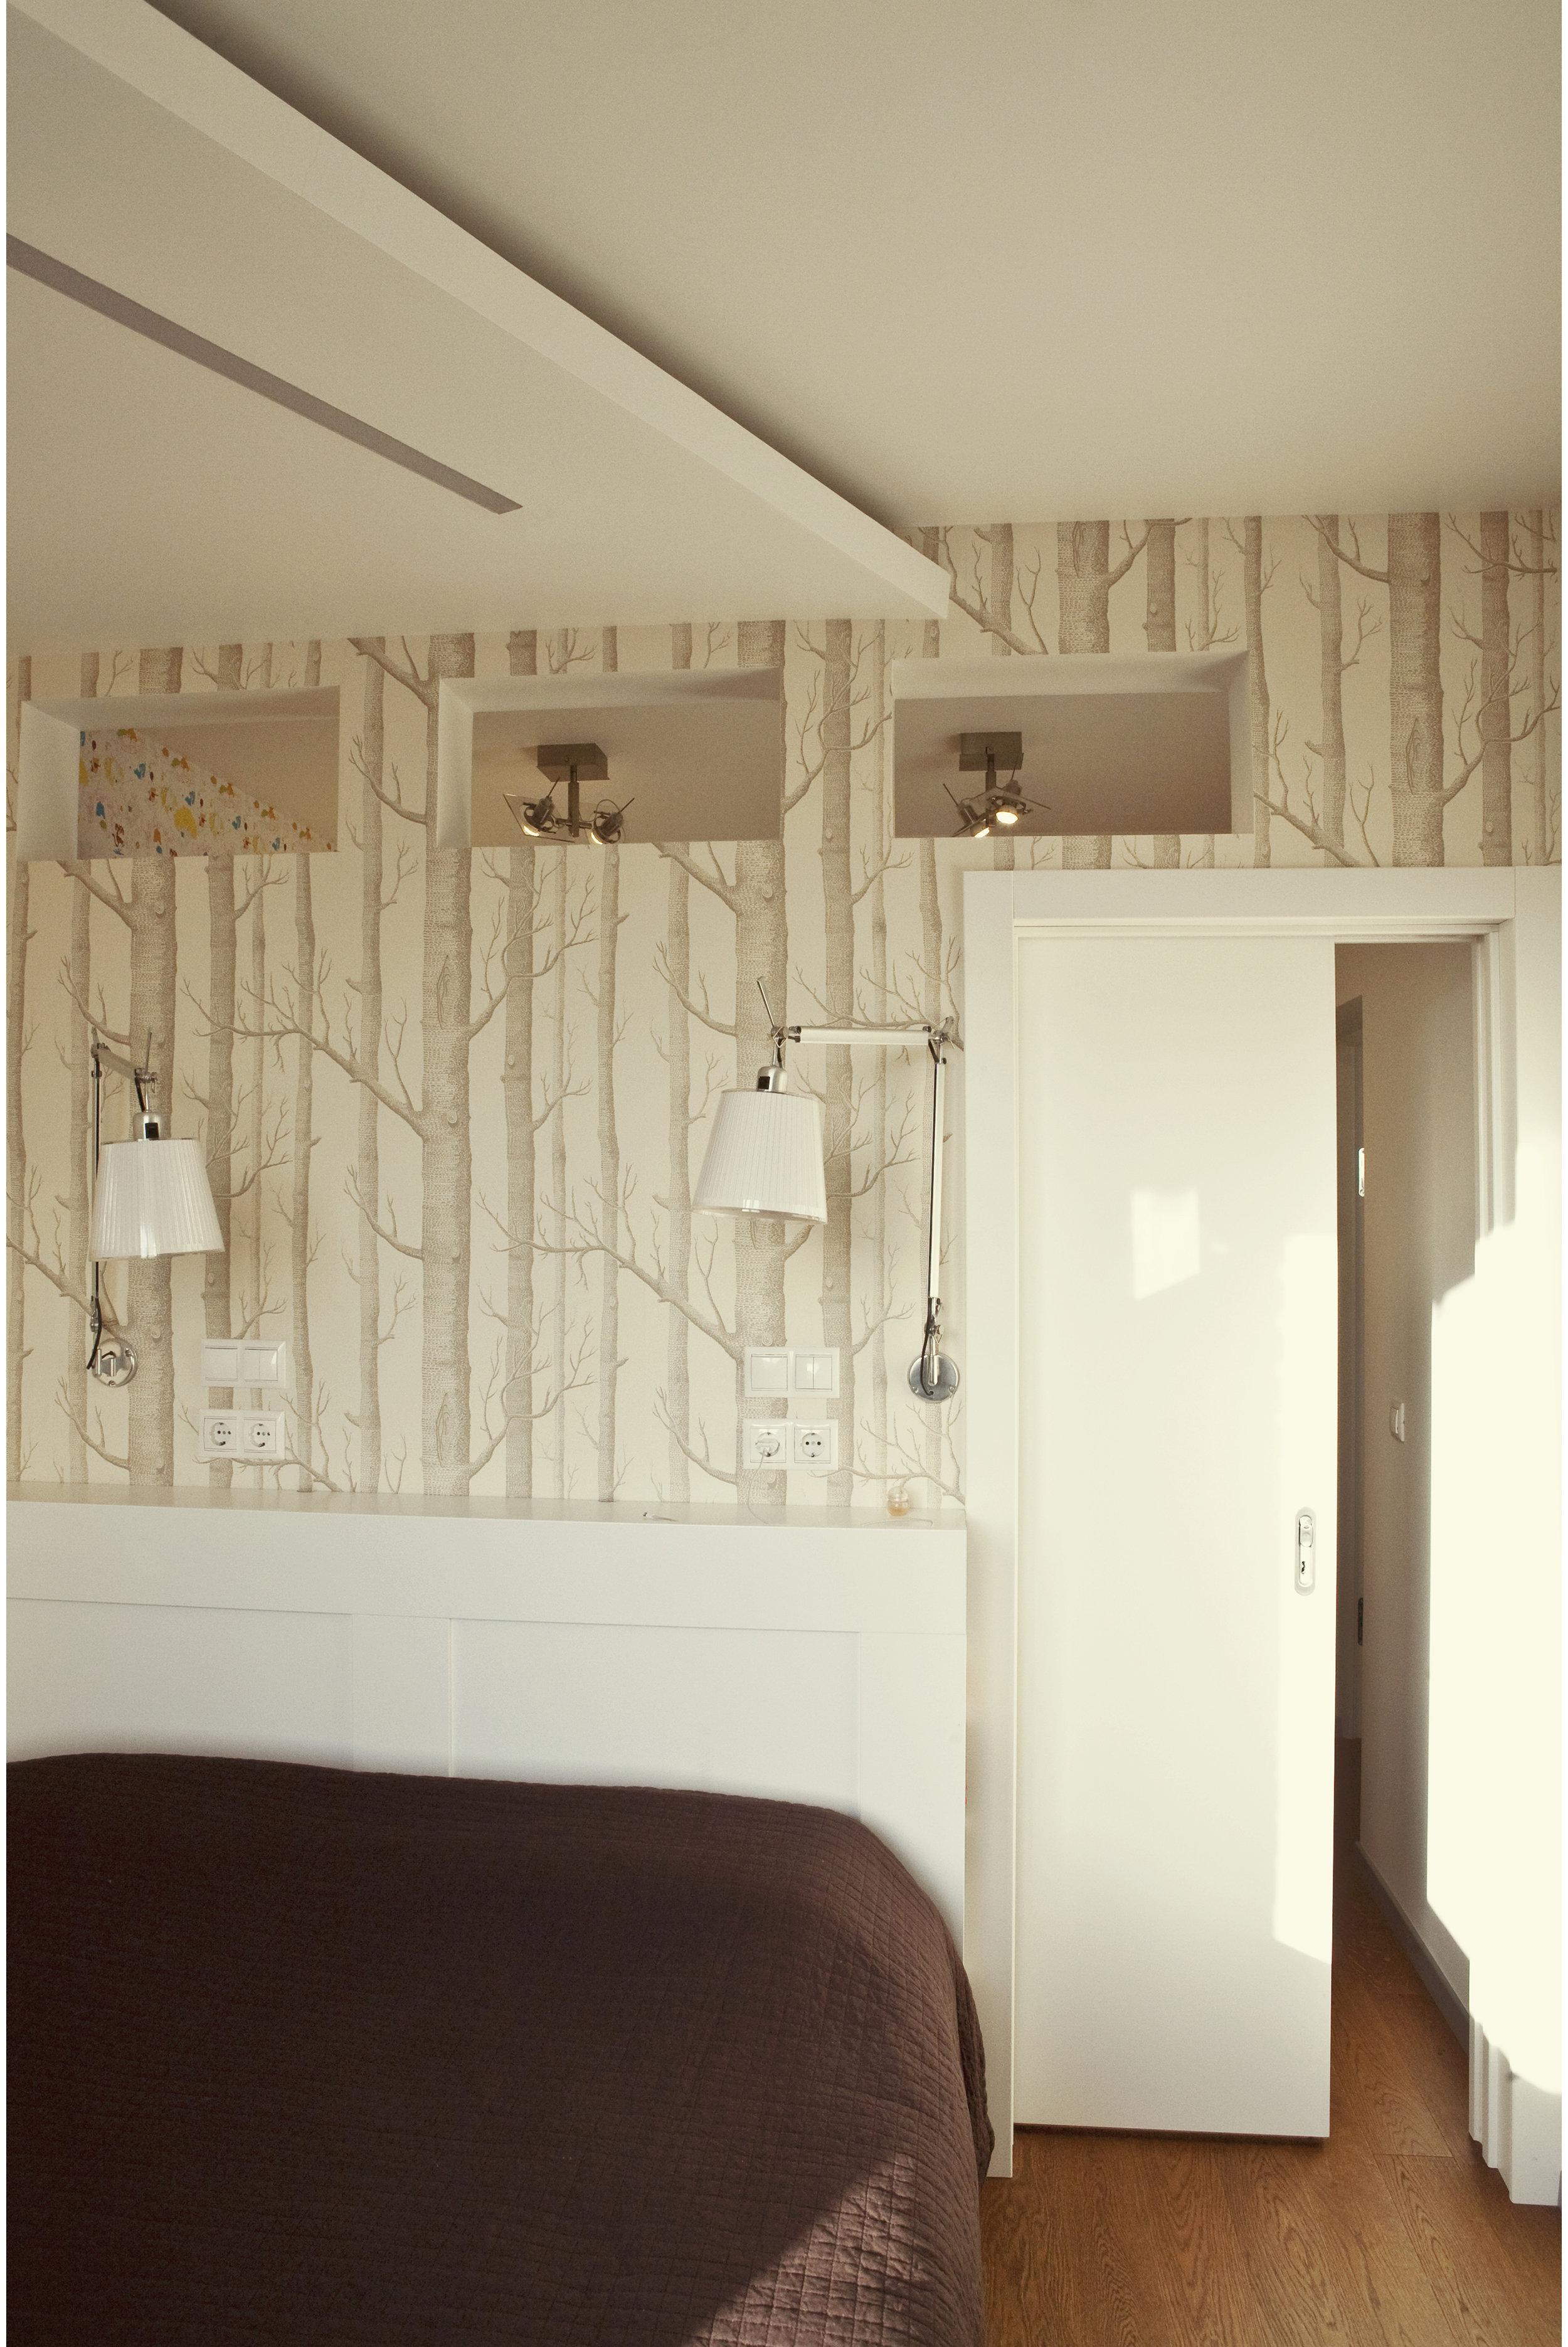 Copy of Contemporary small bedroom interior